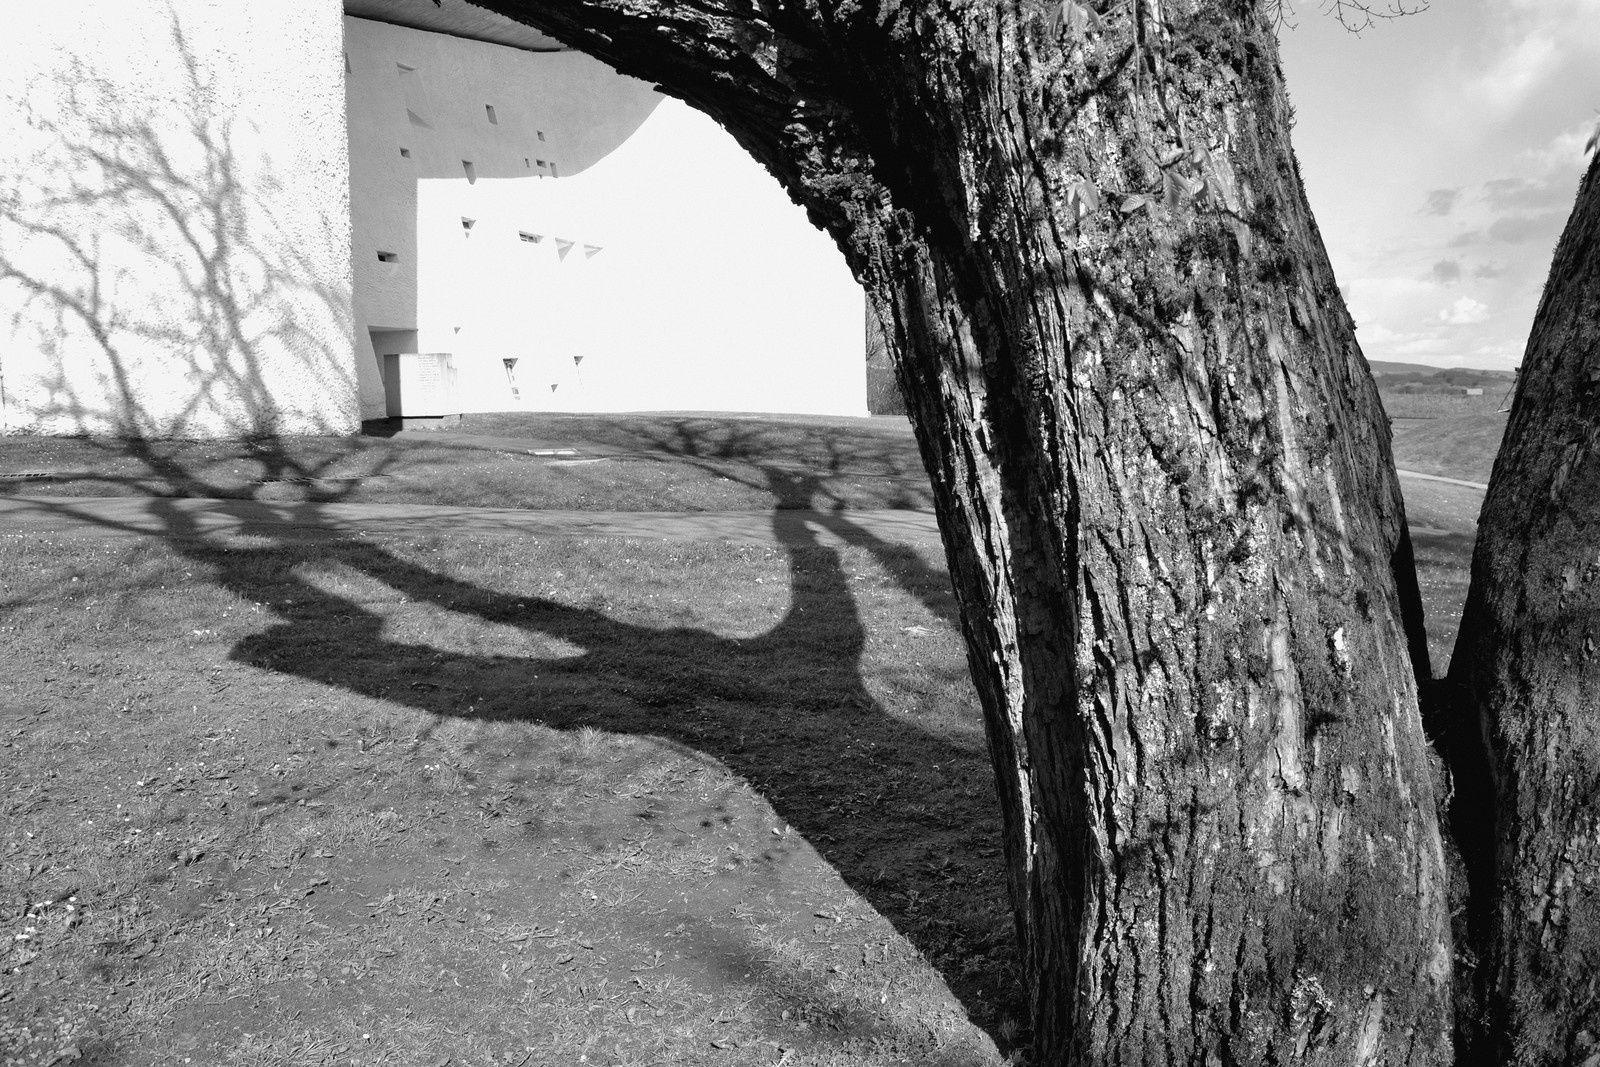 Notre-Dame du Haut - Le Corbusier